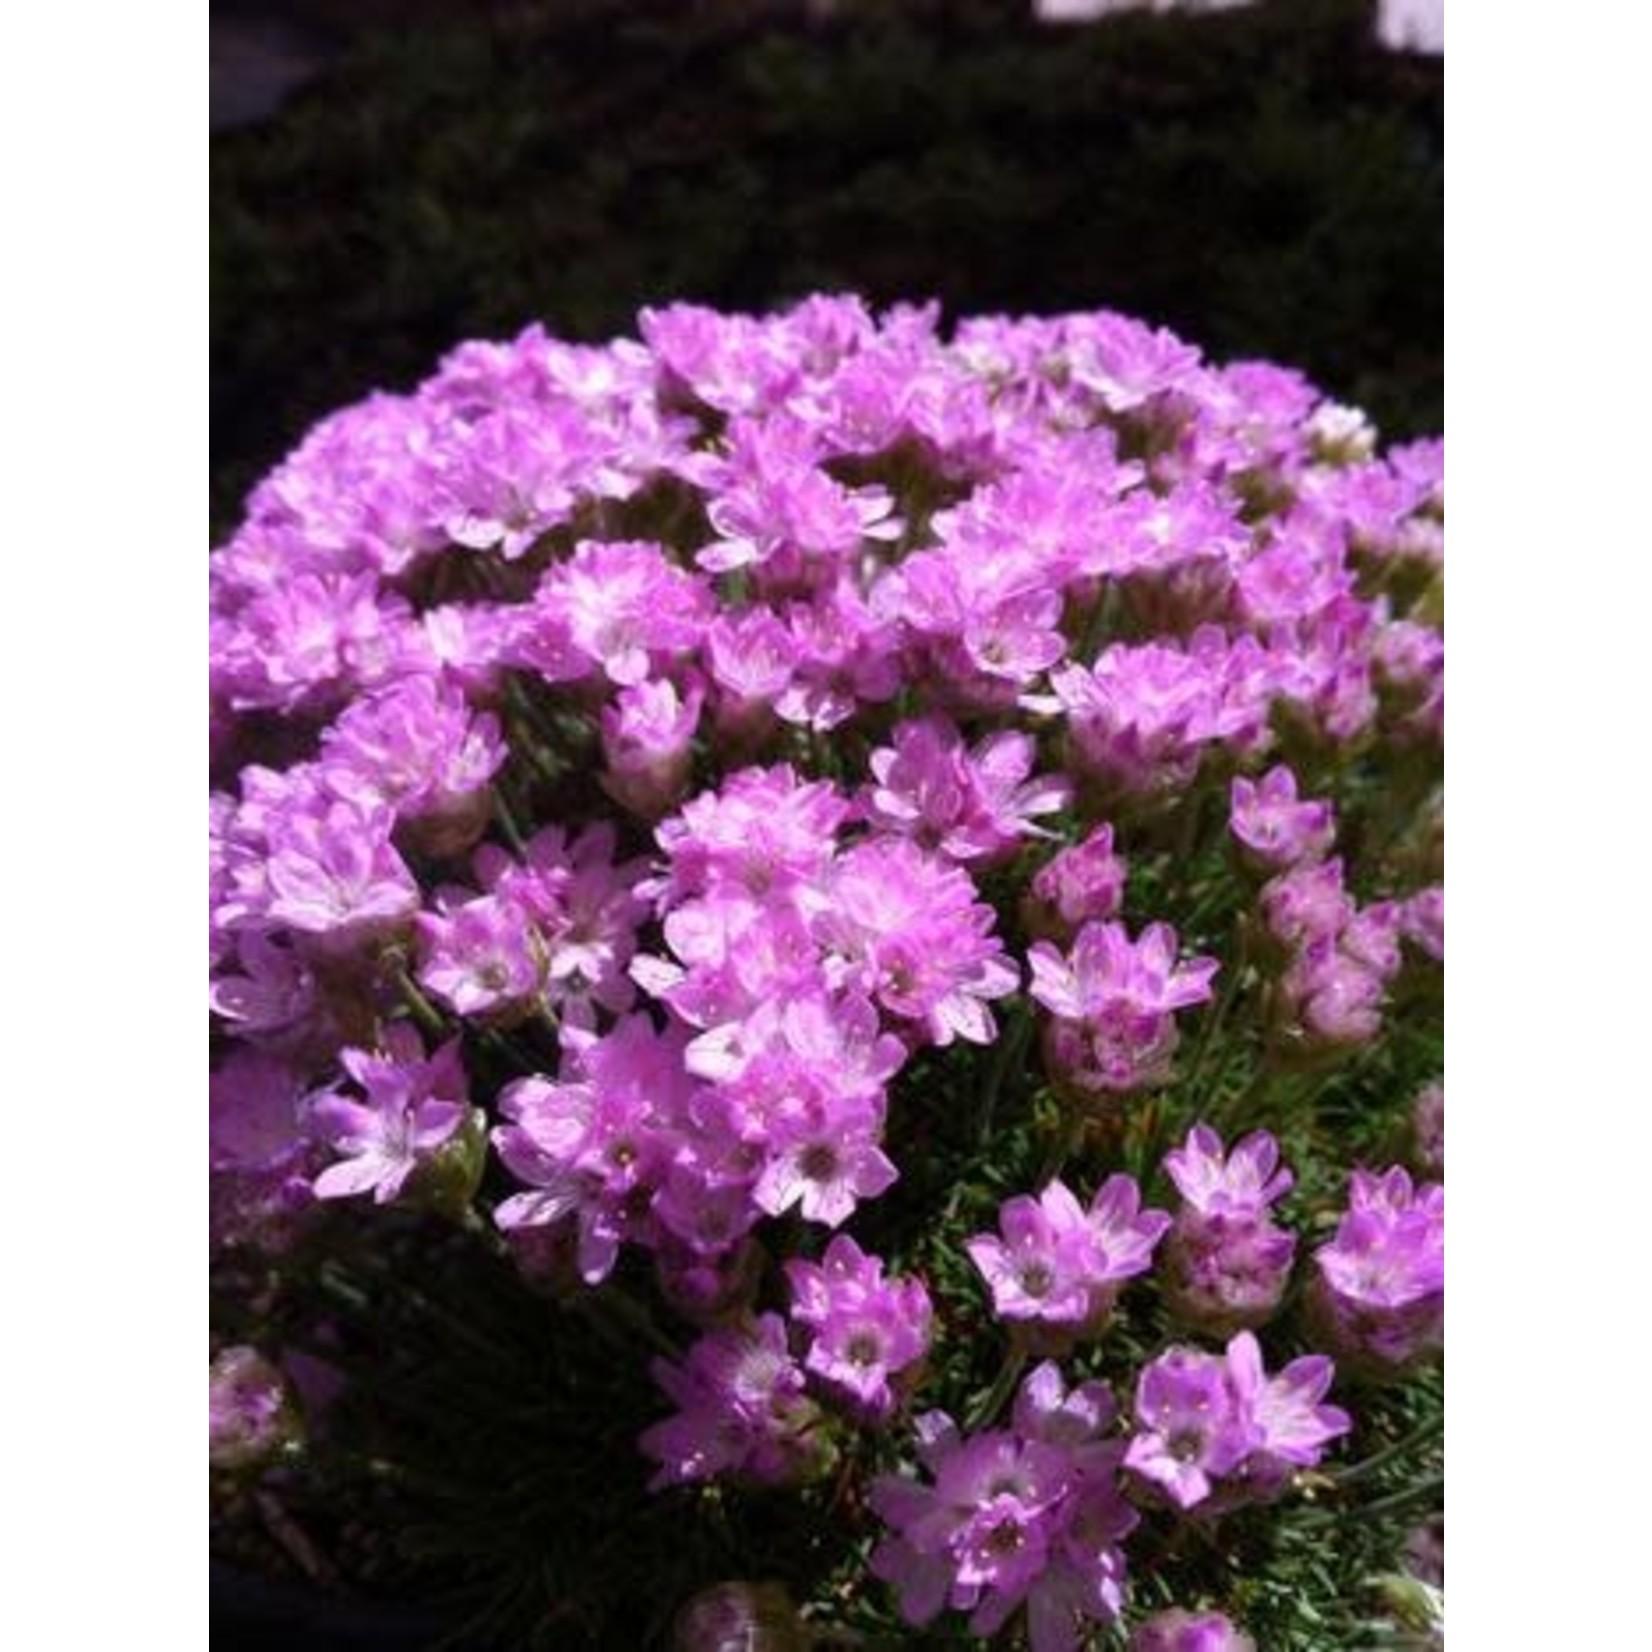 Thrift - Armeria Juniperifolia